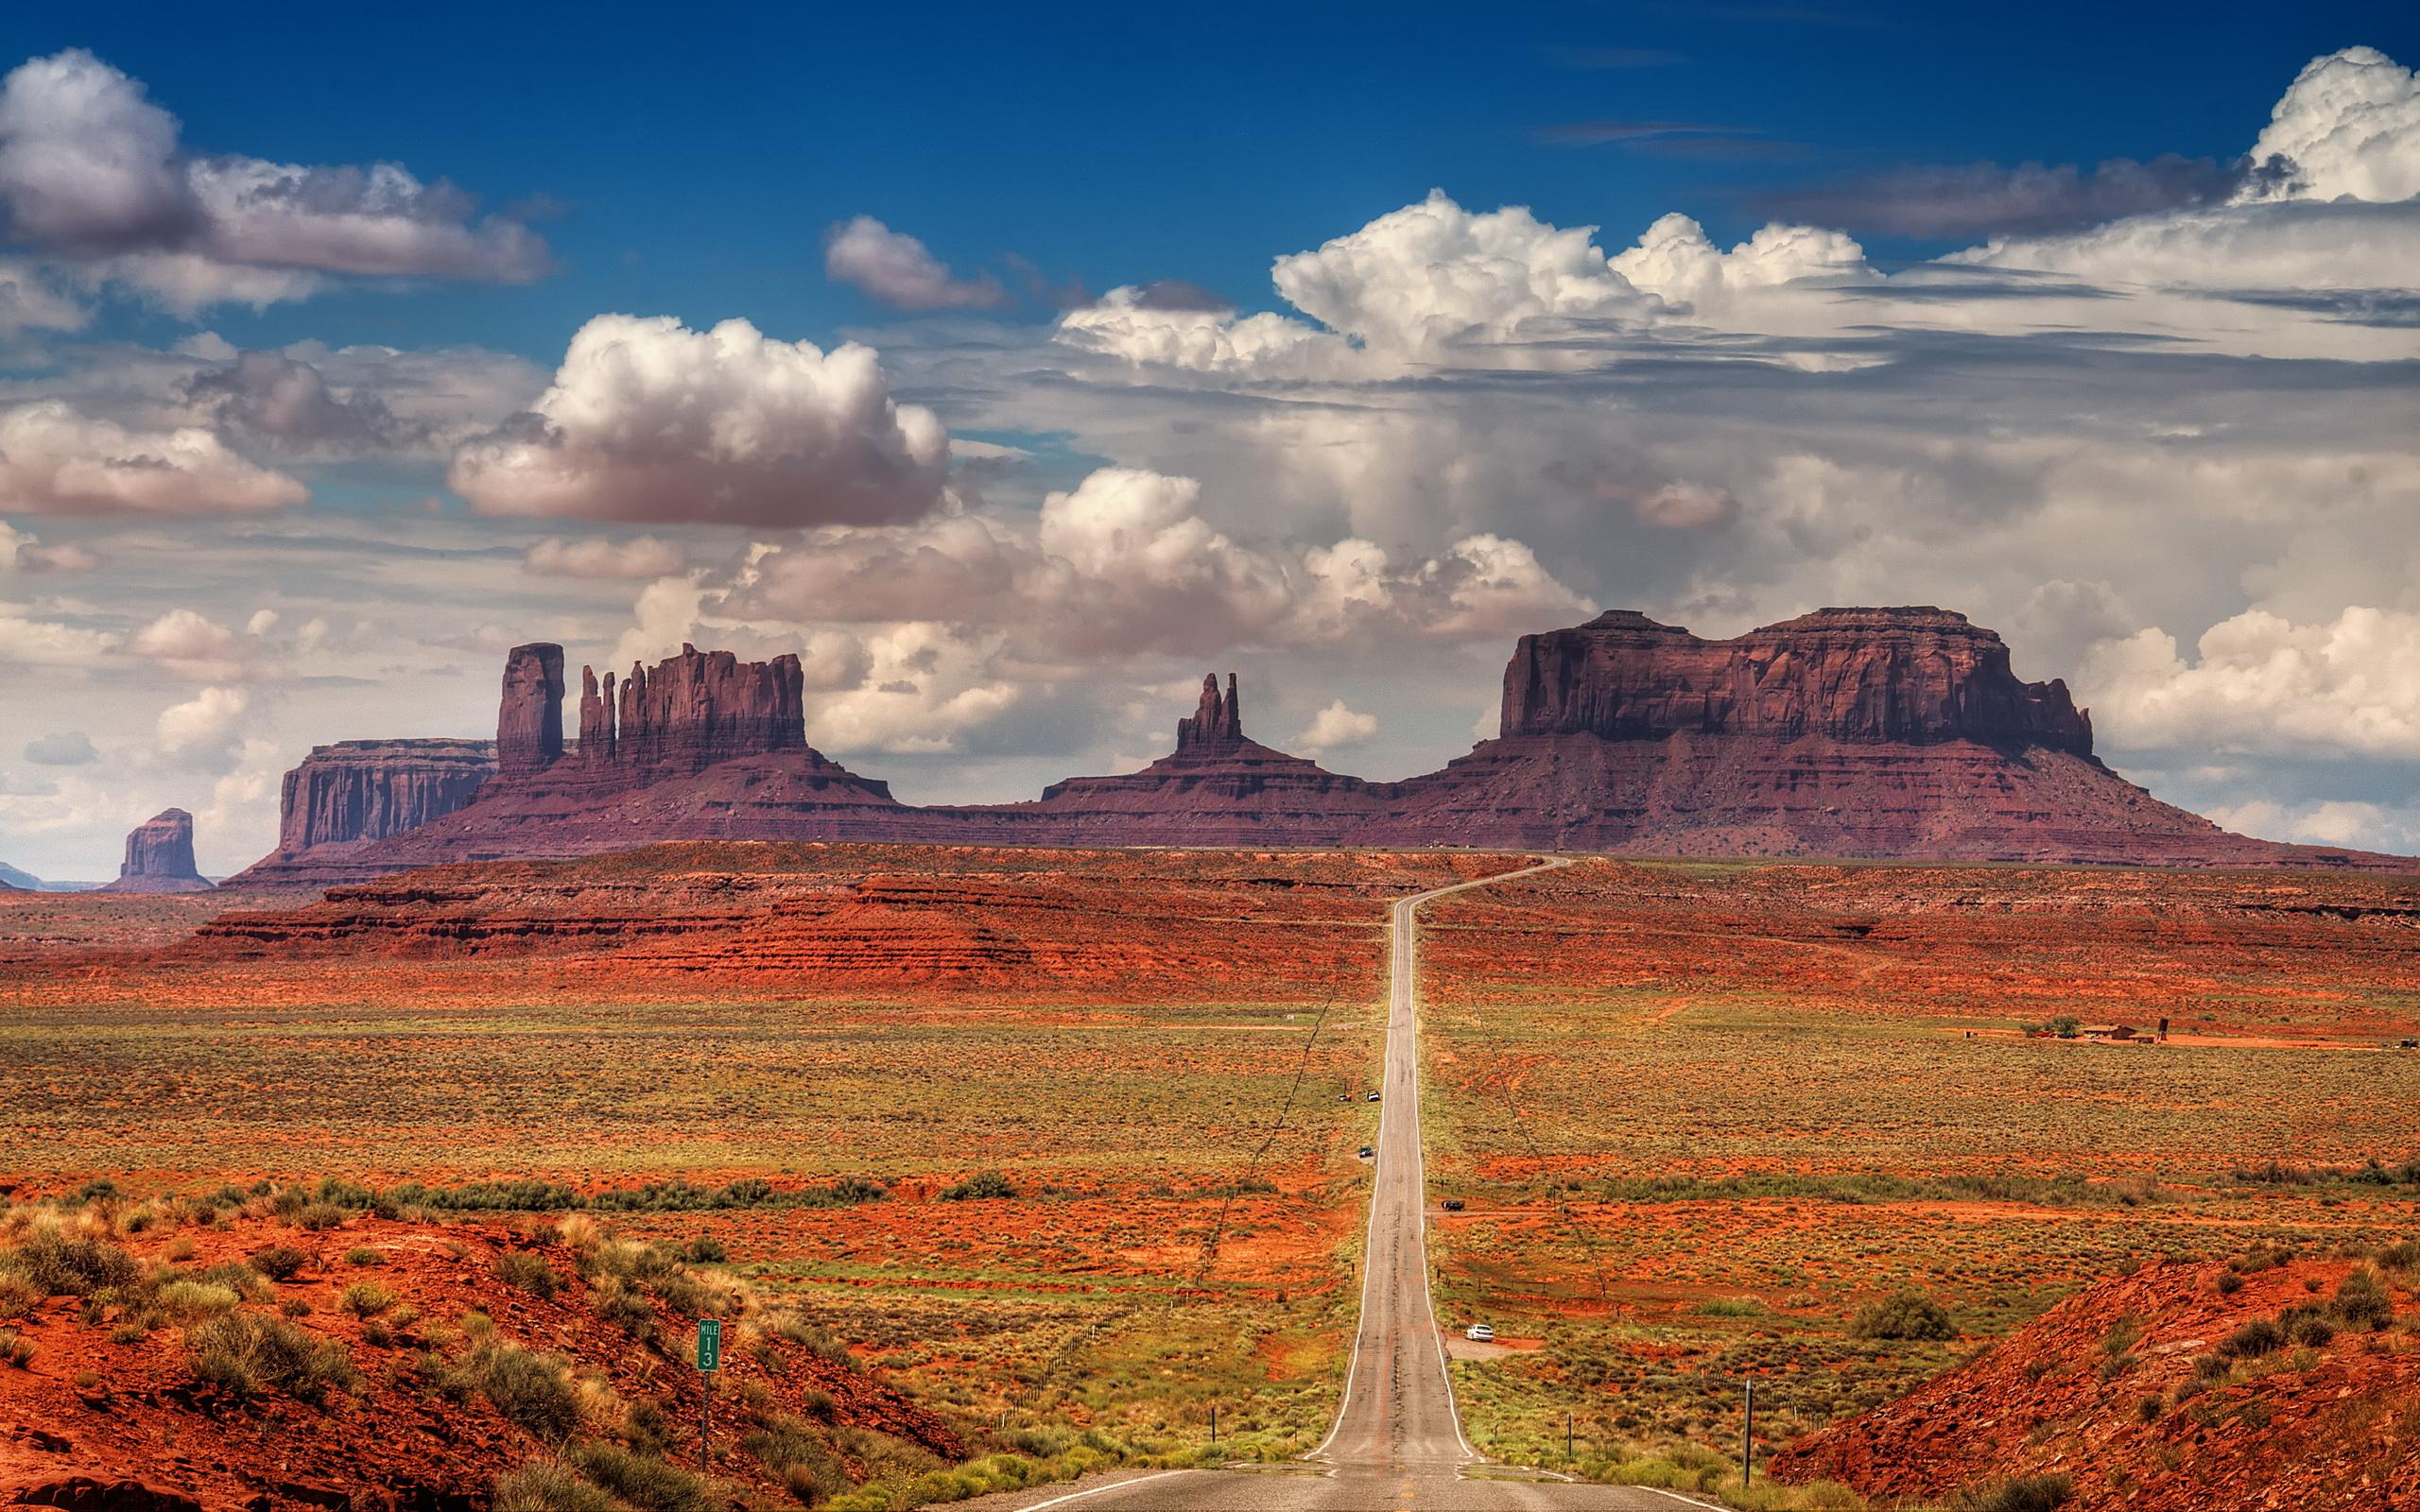 Desert Scenery Wallpaper Wallpapersafari